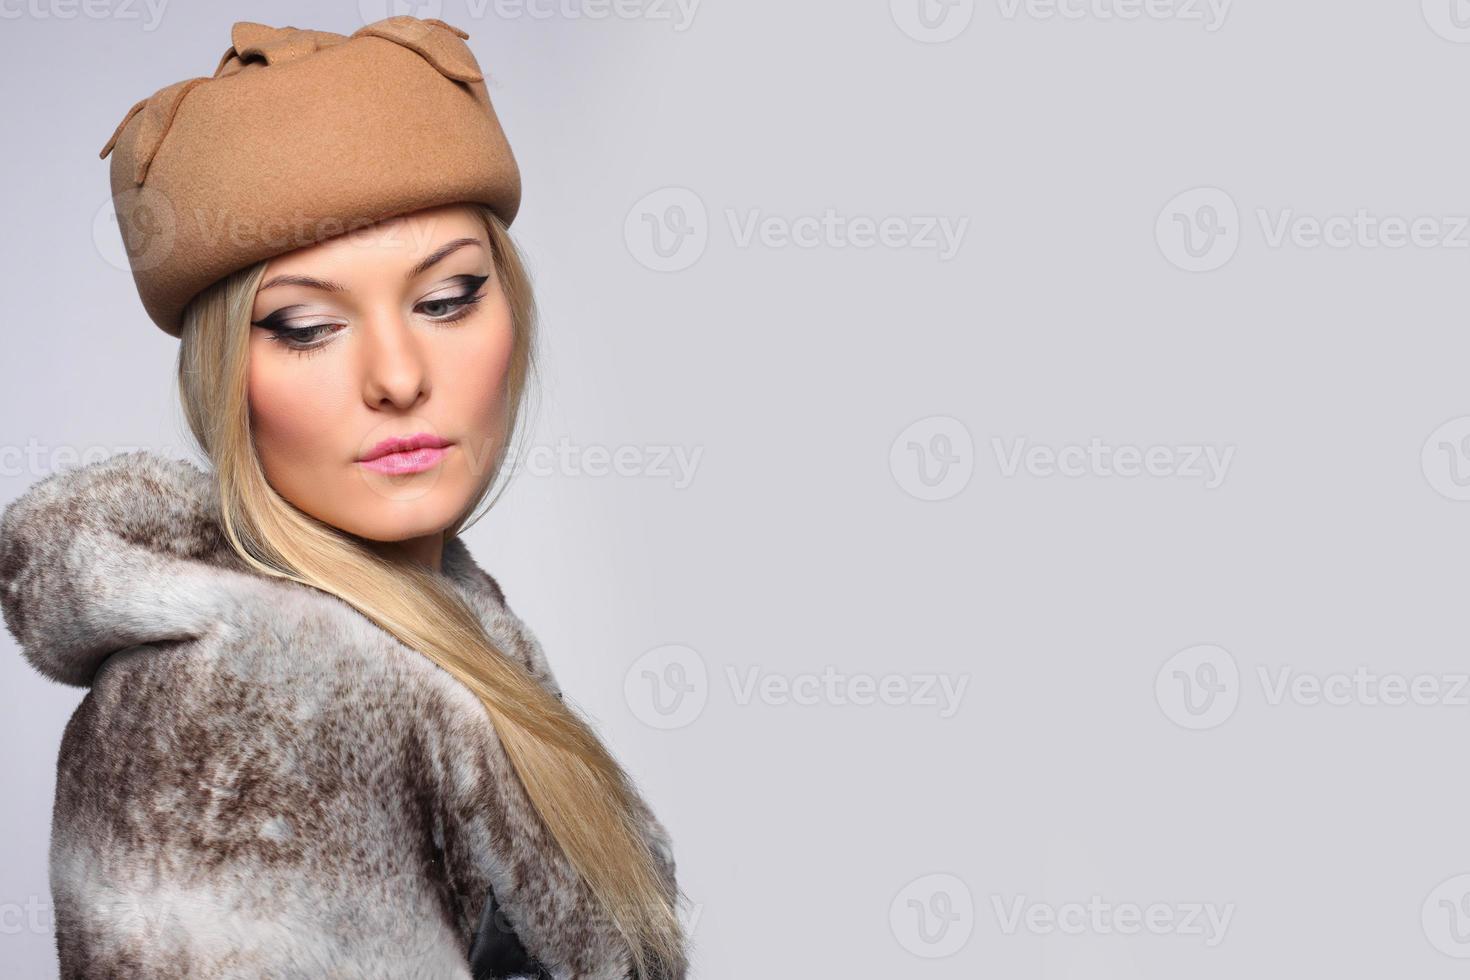 sluit portret van mooie blonde vrouw foto